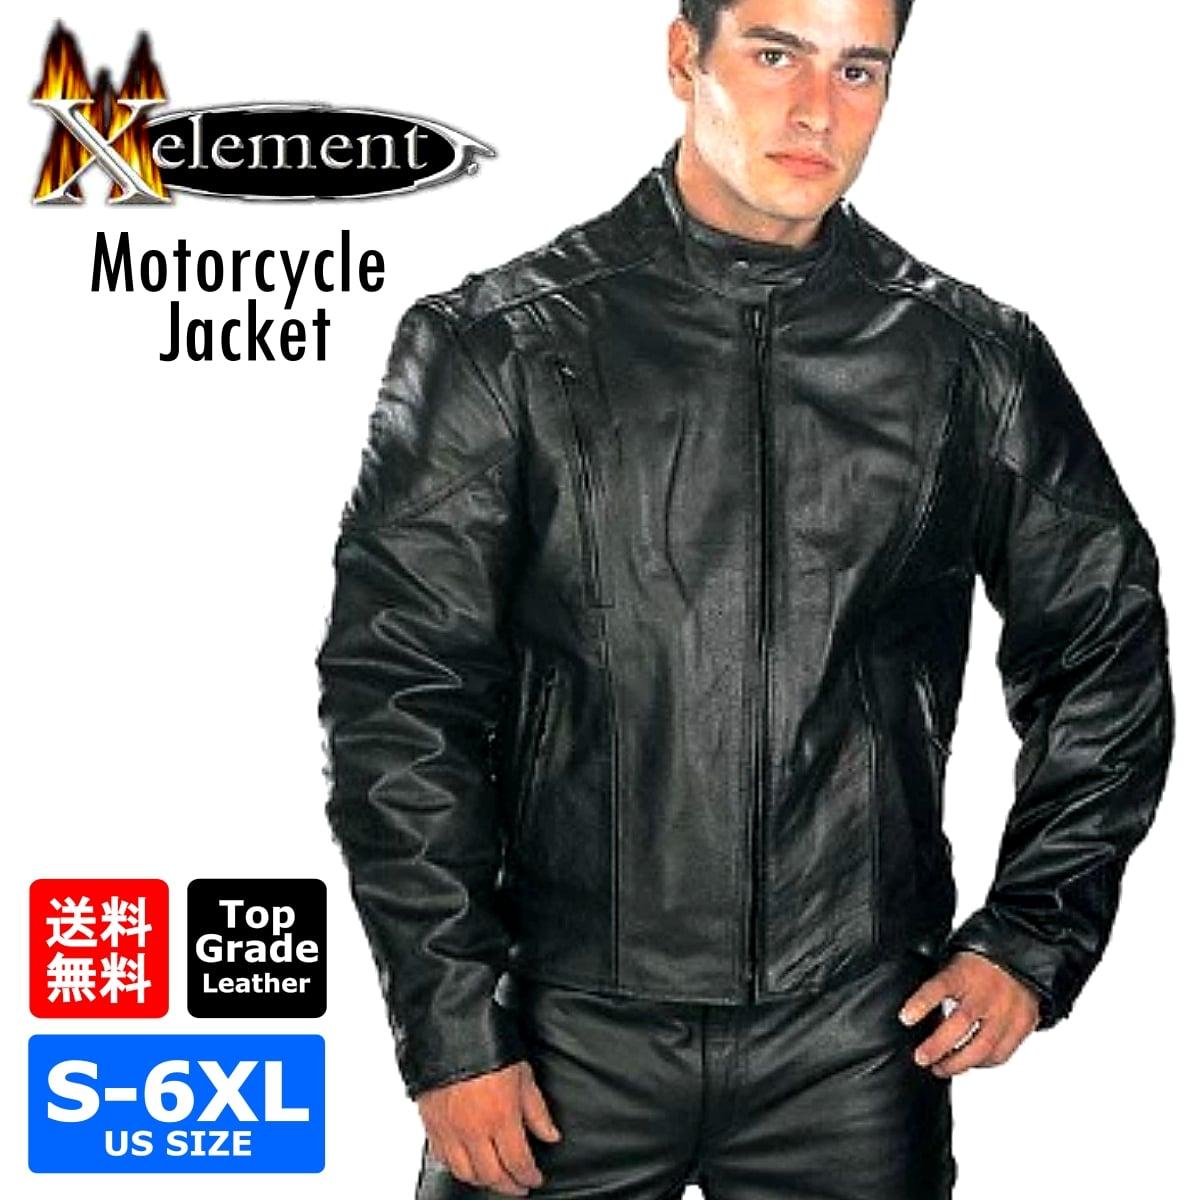 【送料無料!】日本未発売! Xelement 本革 [Men's Top Grade Leather Motorcycle Jacket with Zip-Out Lining] メンズ トップグレードレザー モーターサイクルジャケット ジップアウトライニング! ブラック サイドレース 編み上げ シングルライダース バイカー 大きいサイズ